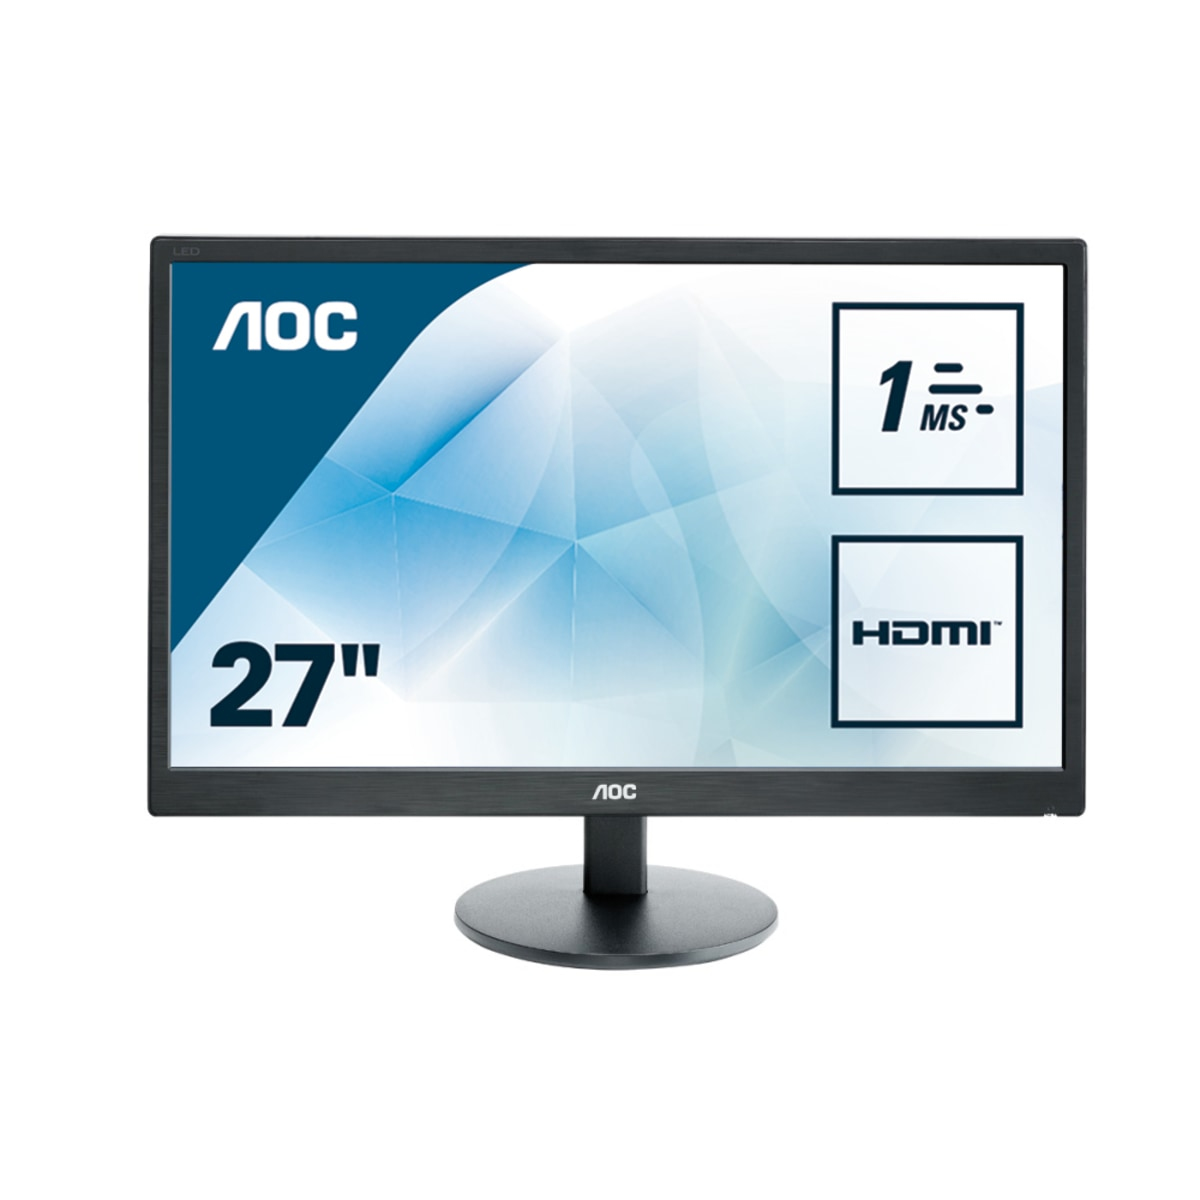 Desktop Monitor - E2770SH - 27in - 1920x1080 (Full HD) - 1ms